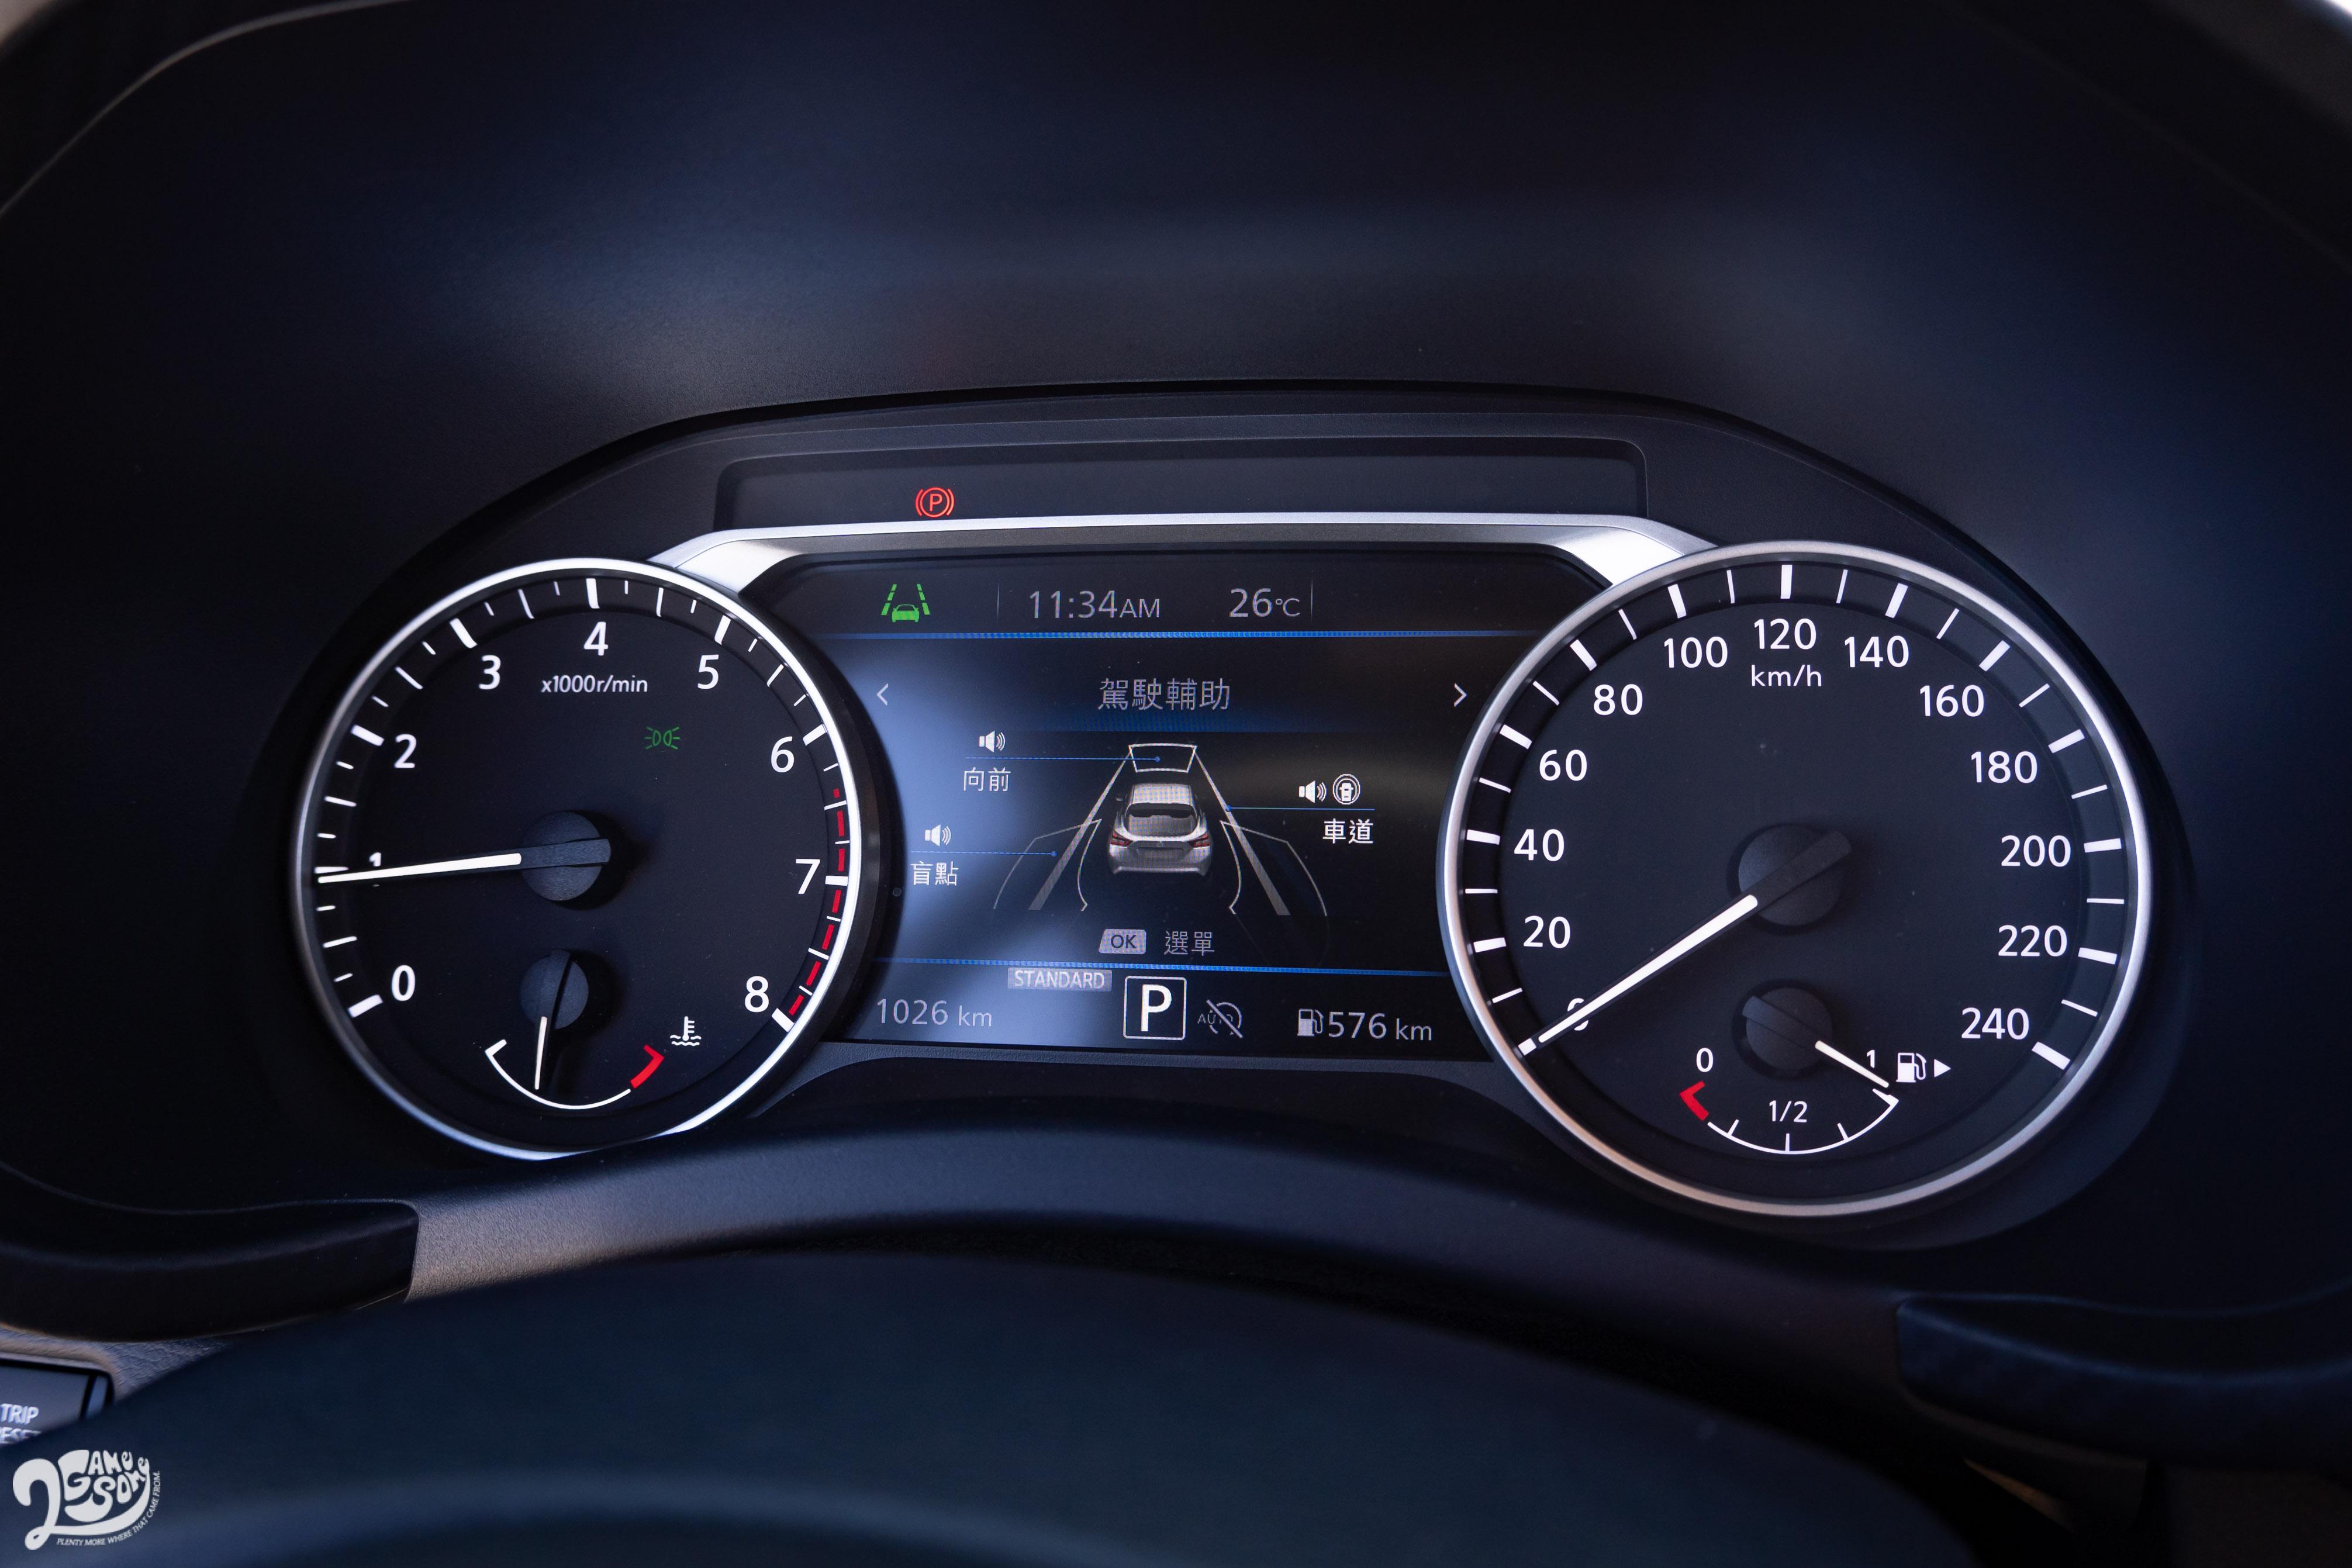 駕駛眼前的 7 吋全彩儀表資訊幕,行車、導航、胎壓、智慧駕駛資訊都可快速瀏覽,兩側則保留類比指針錶。